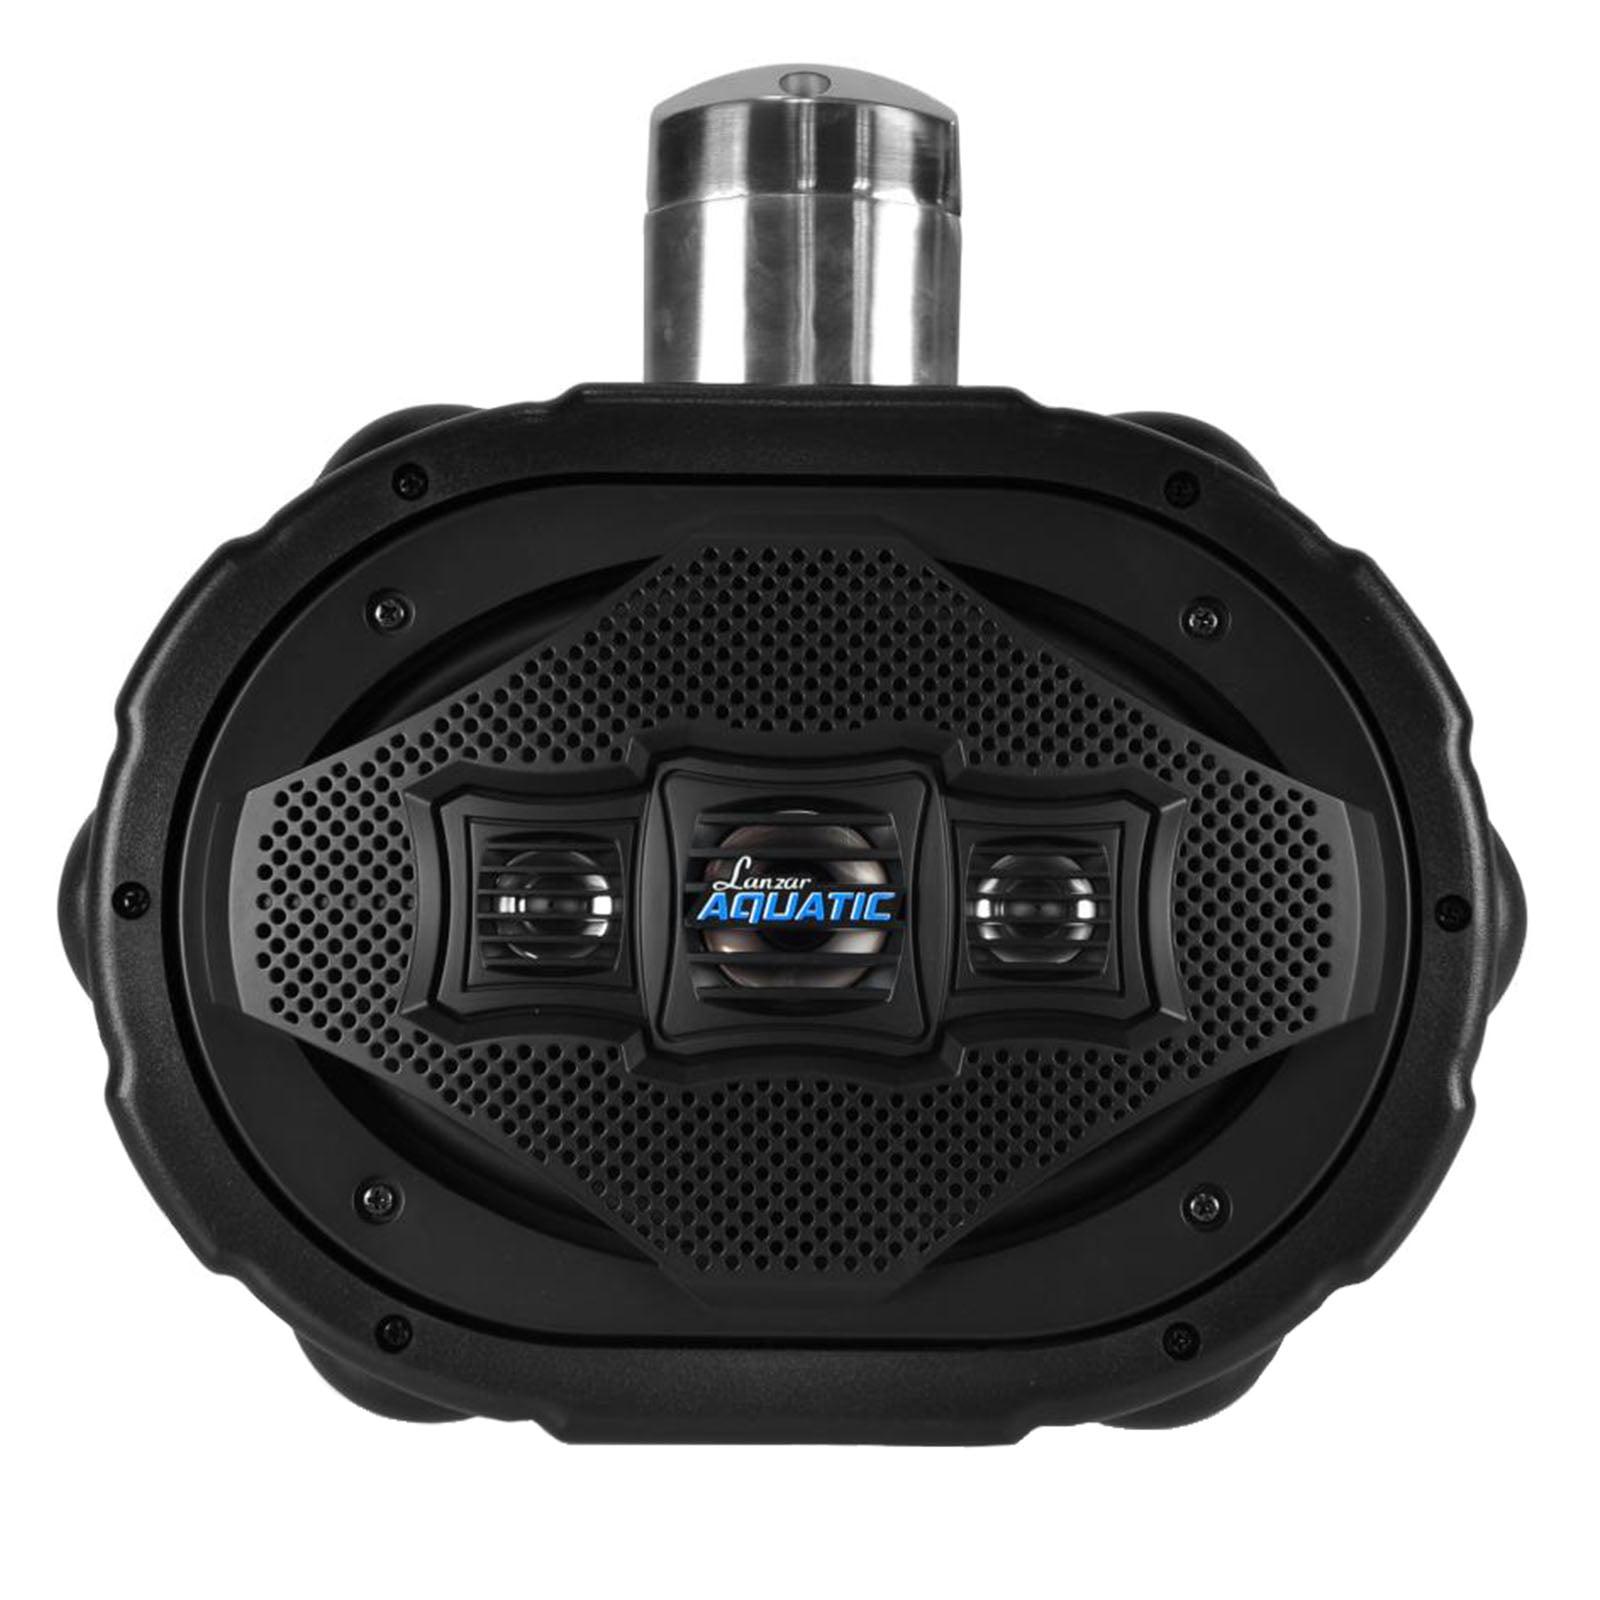 """6"""" x 9"""" BT Marine Wakeboard Speaker, Water Resistant 4-Way Tower Speaker, 1200 Watt (Black)"""